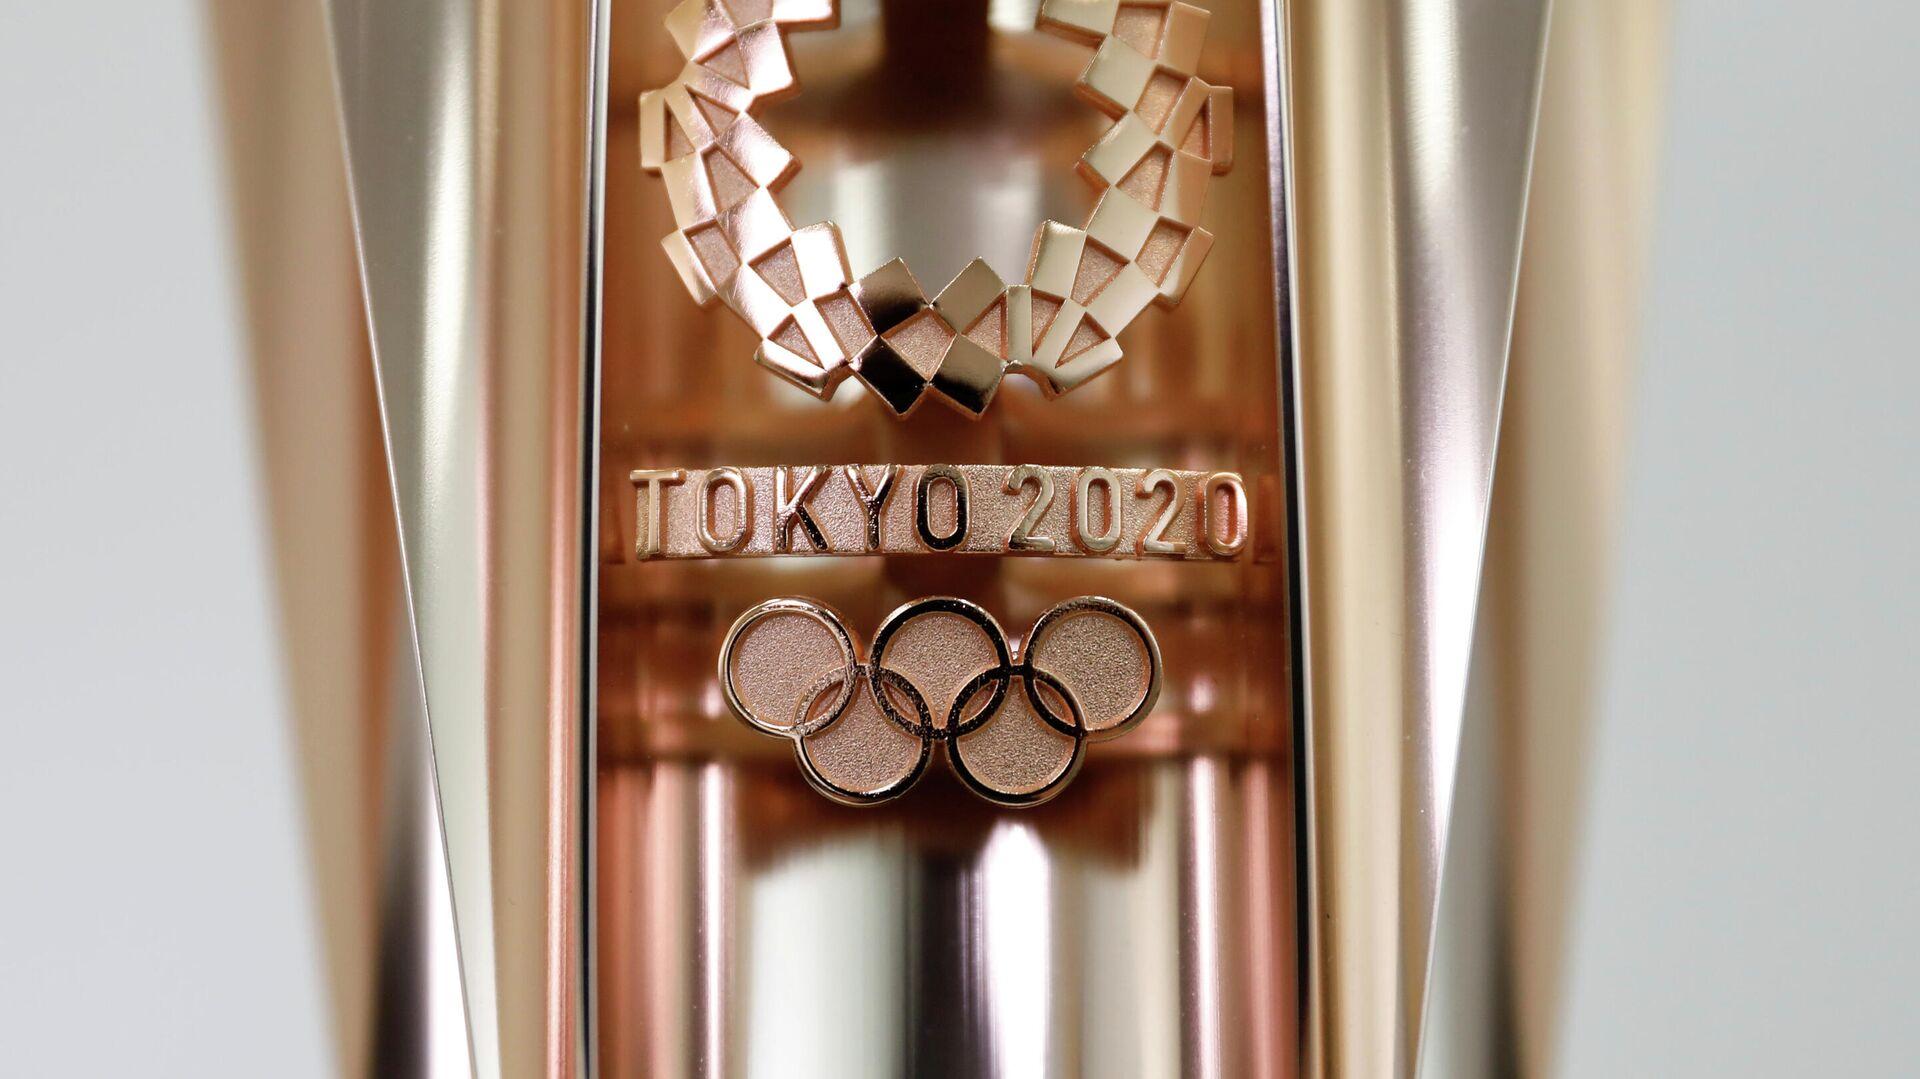 Факел Олимпийских игр 2020 года в Токио - РИА Новости, 1920, 01.04.2021